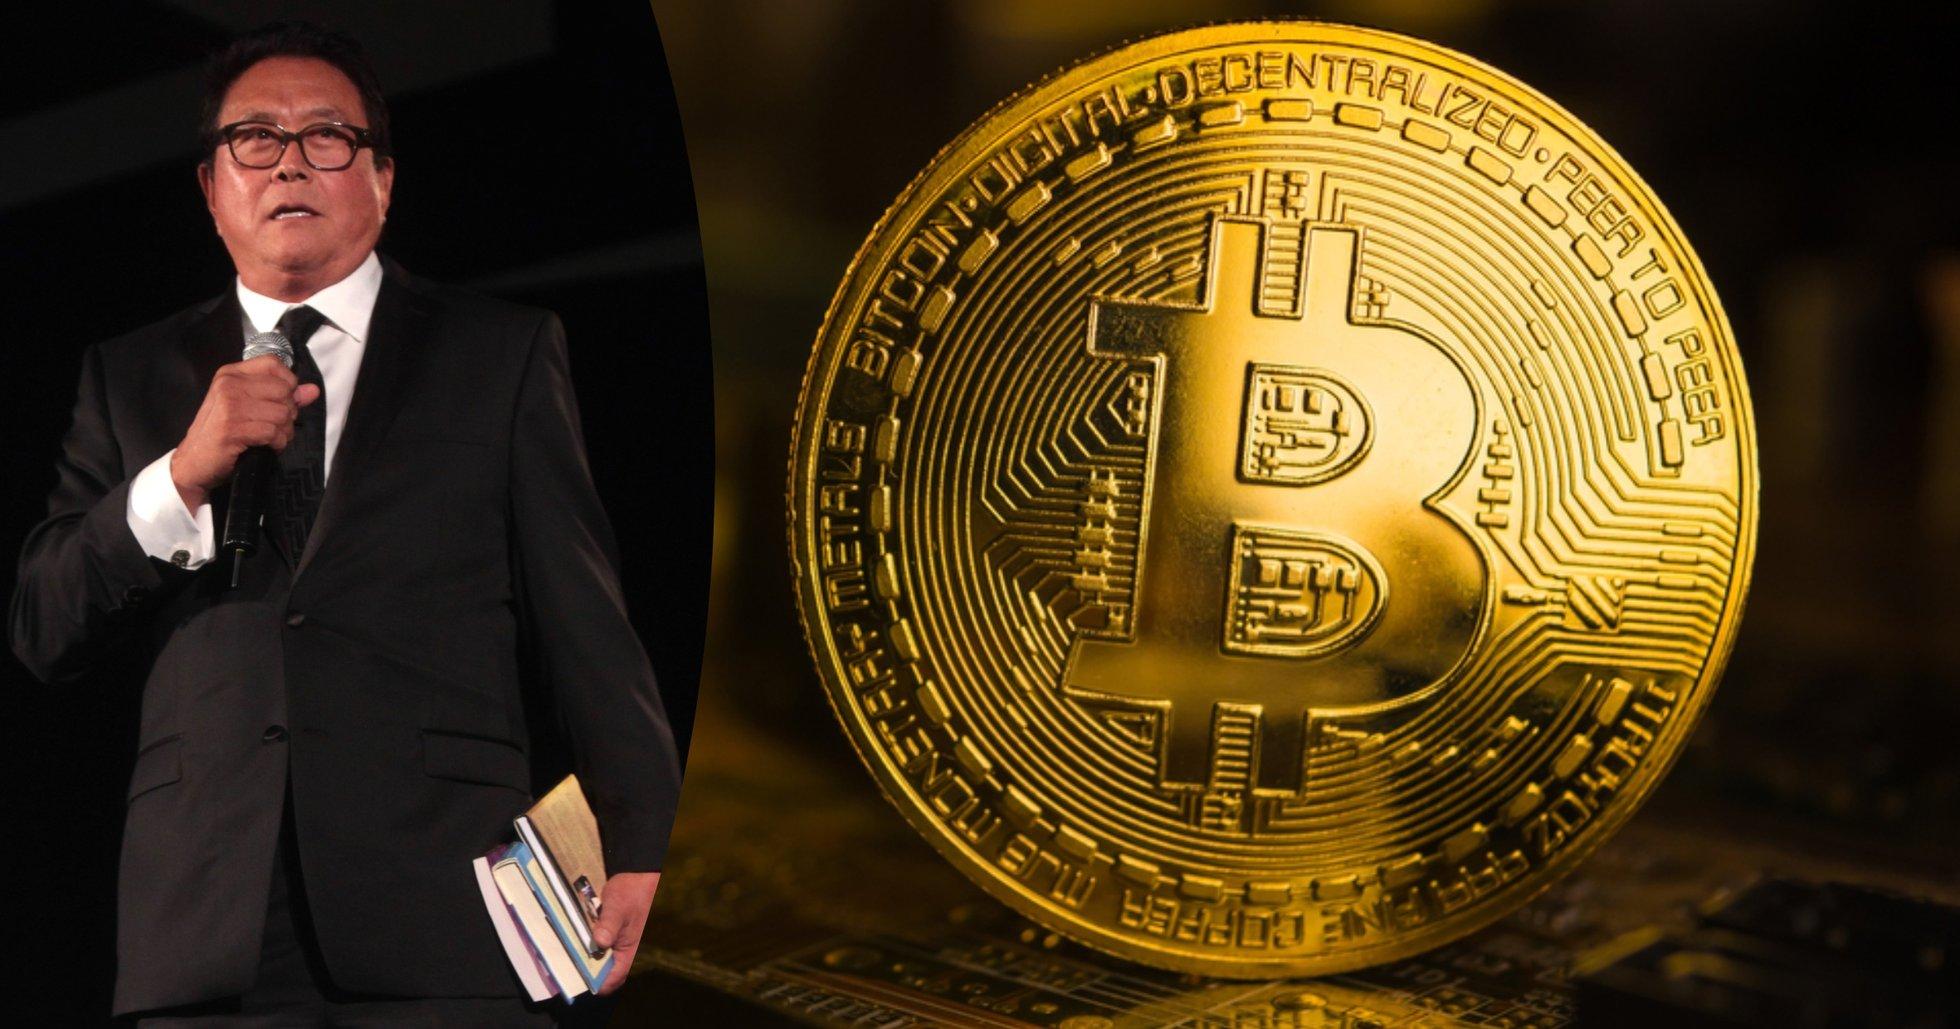 Författare: Bitcoinpriset kommer att nå 75 000 dollar inom tre år